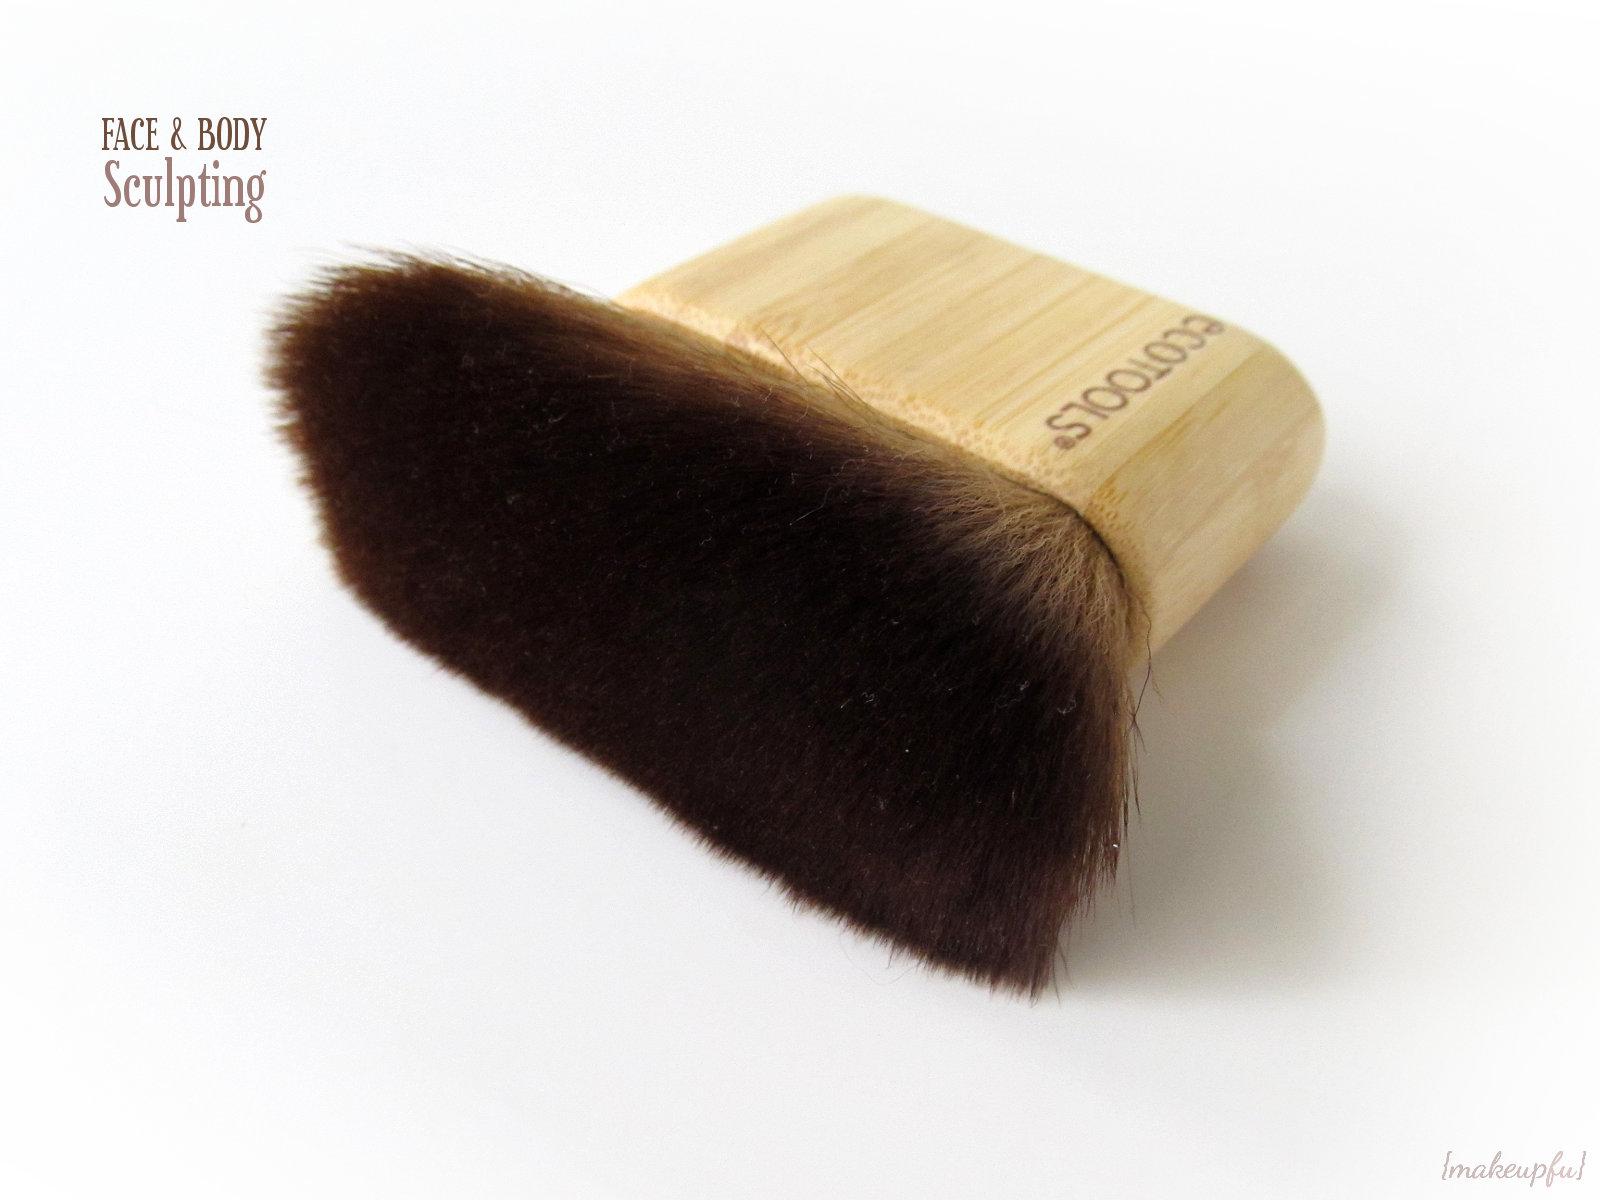 Ecotools Face Amp Body Sculpting Brush Review Makeupfu